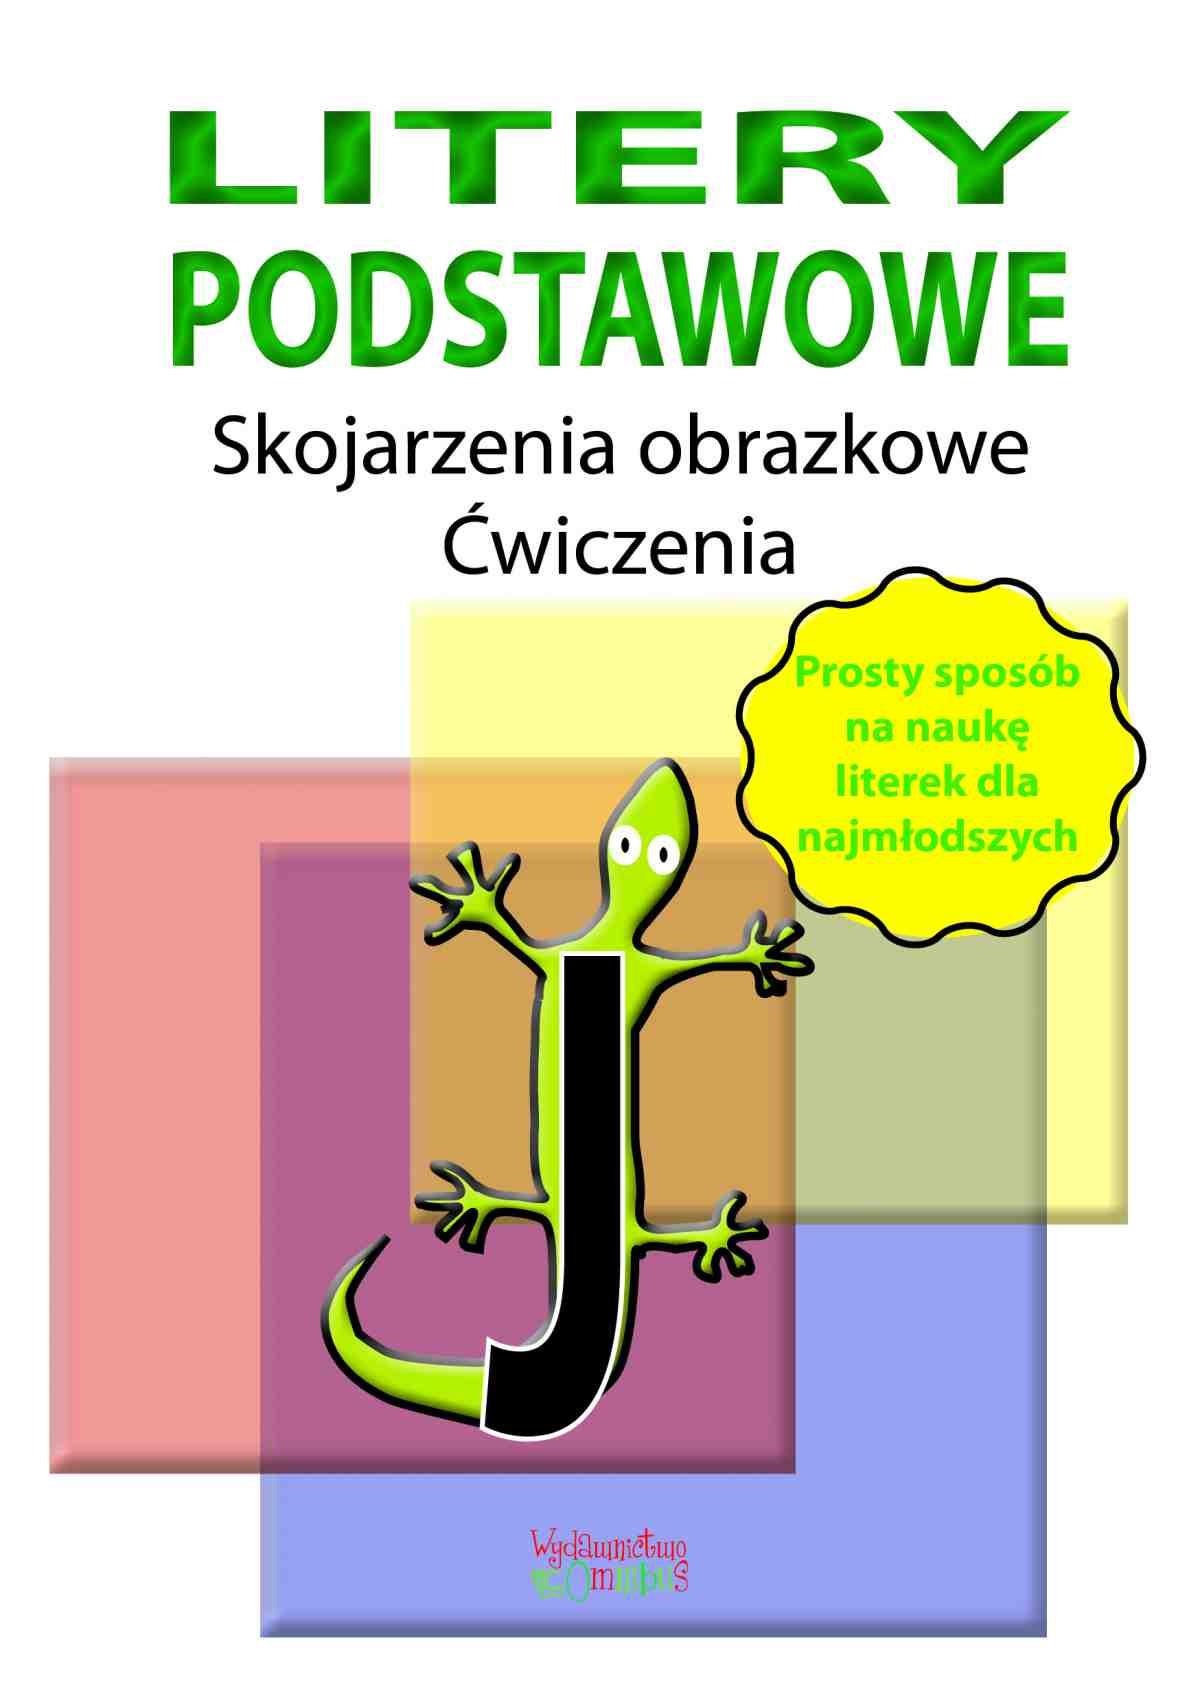 Litery podstawowe. Skojarzenia obrazkowe. Ćwiczenia - Ebook (Książka PDF) do pobrania w formacie PDF